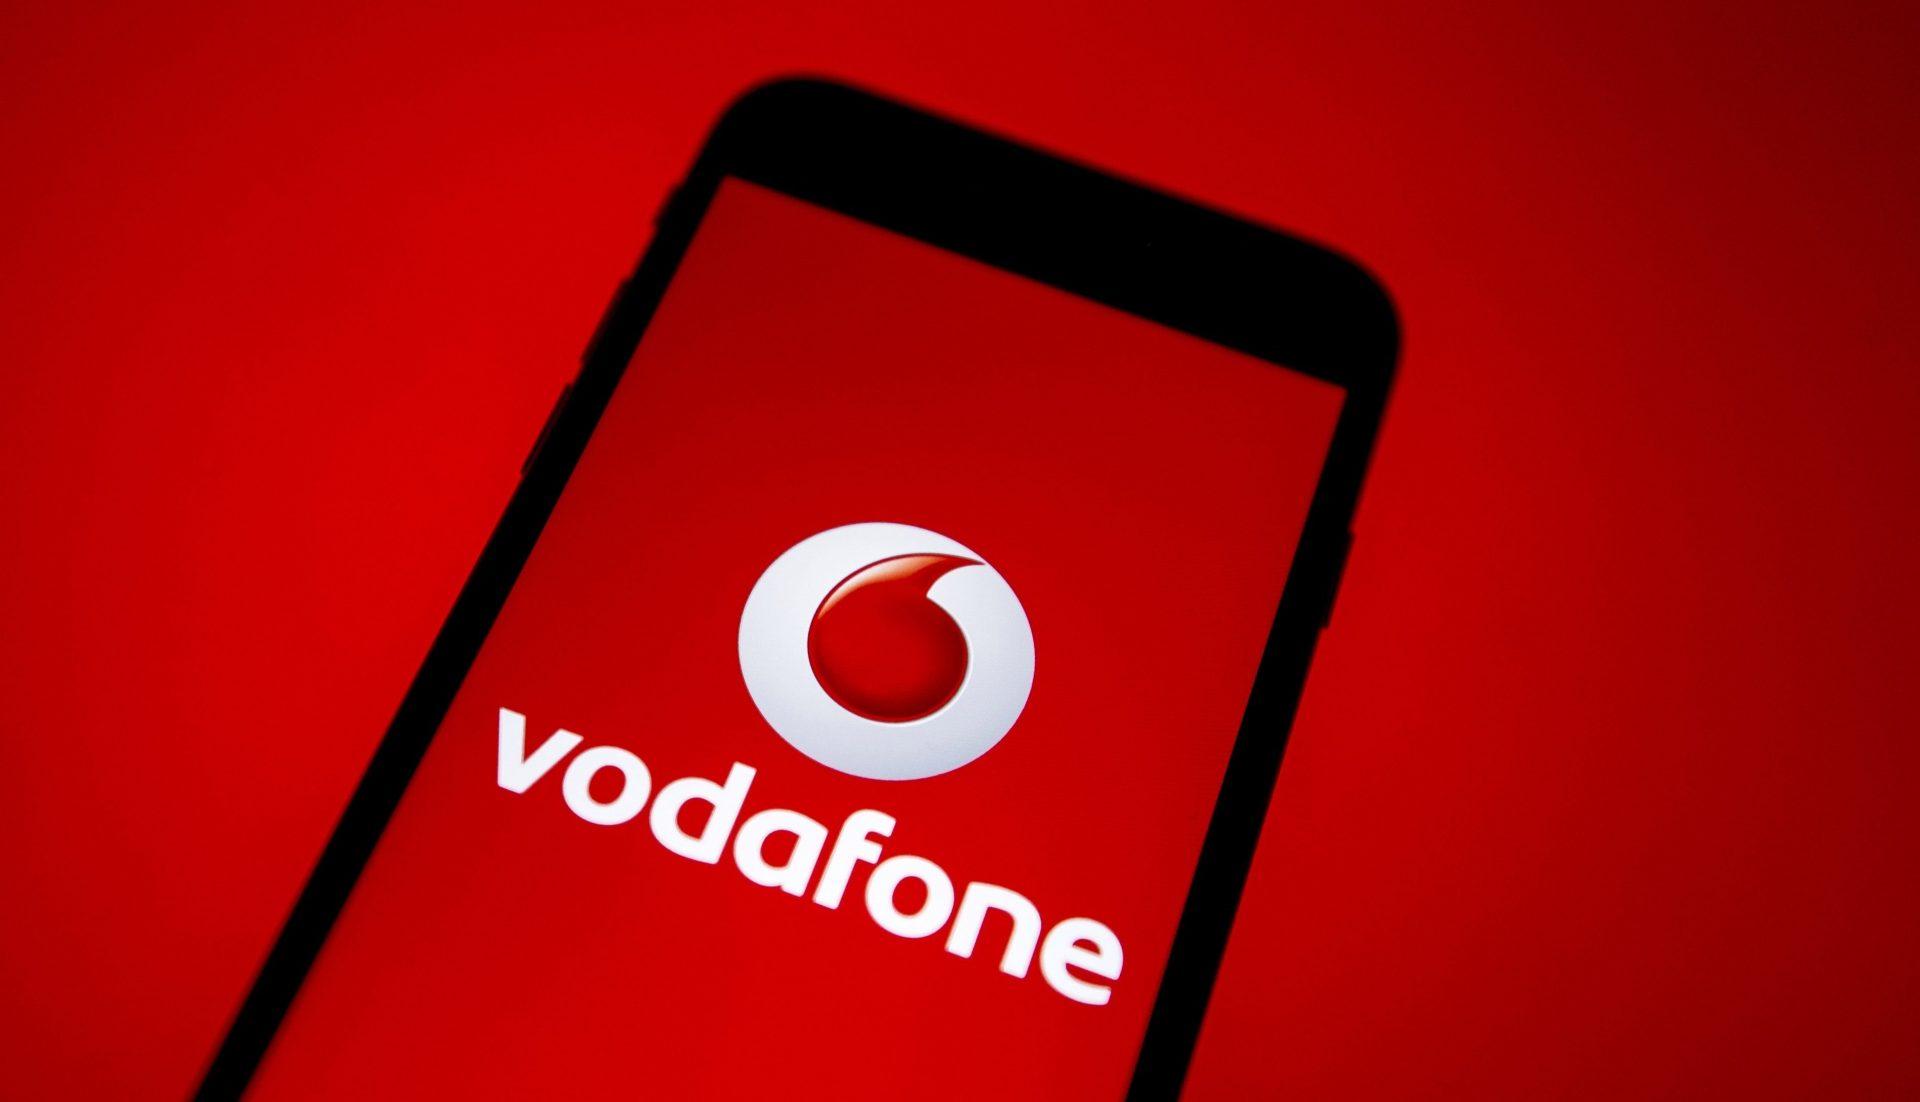 Vodafone, amendă de 3.000 de euro pentru încălcarea GDPR, după ce a prelucrat greșit date personale